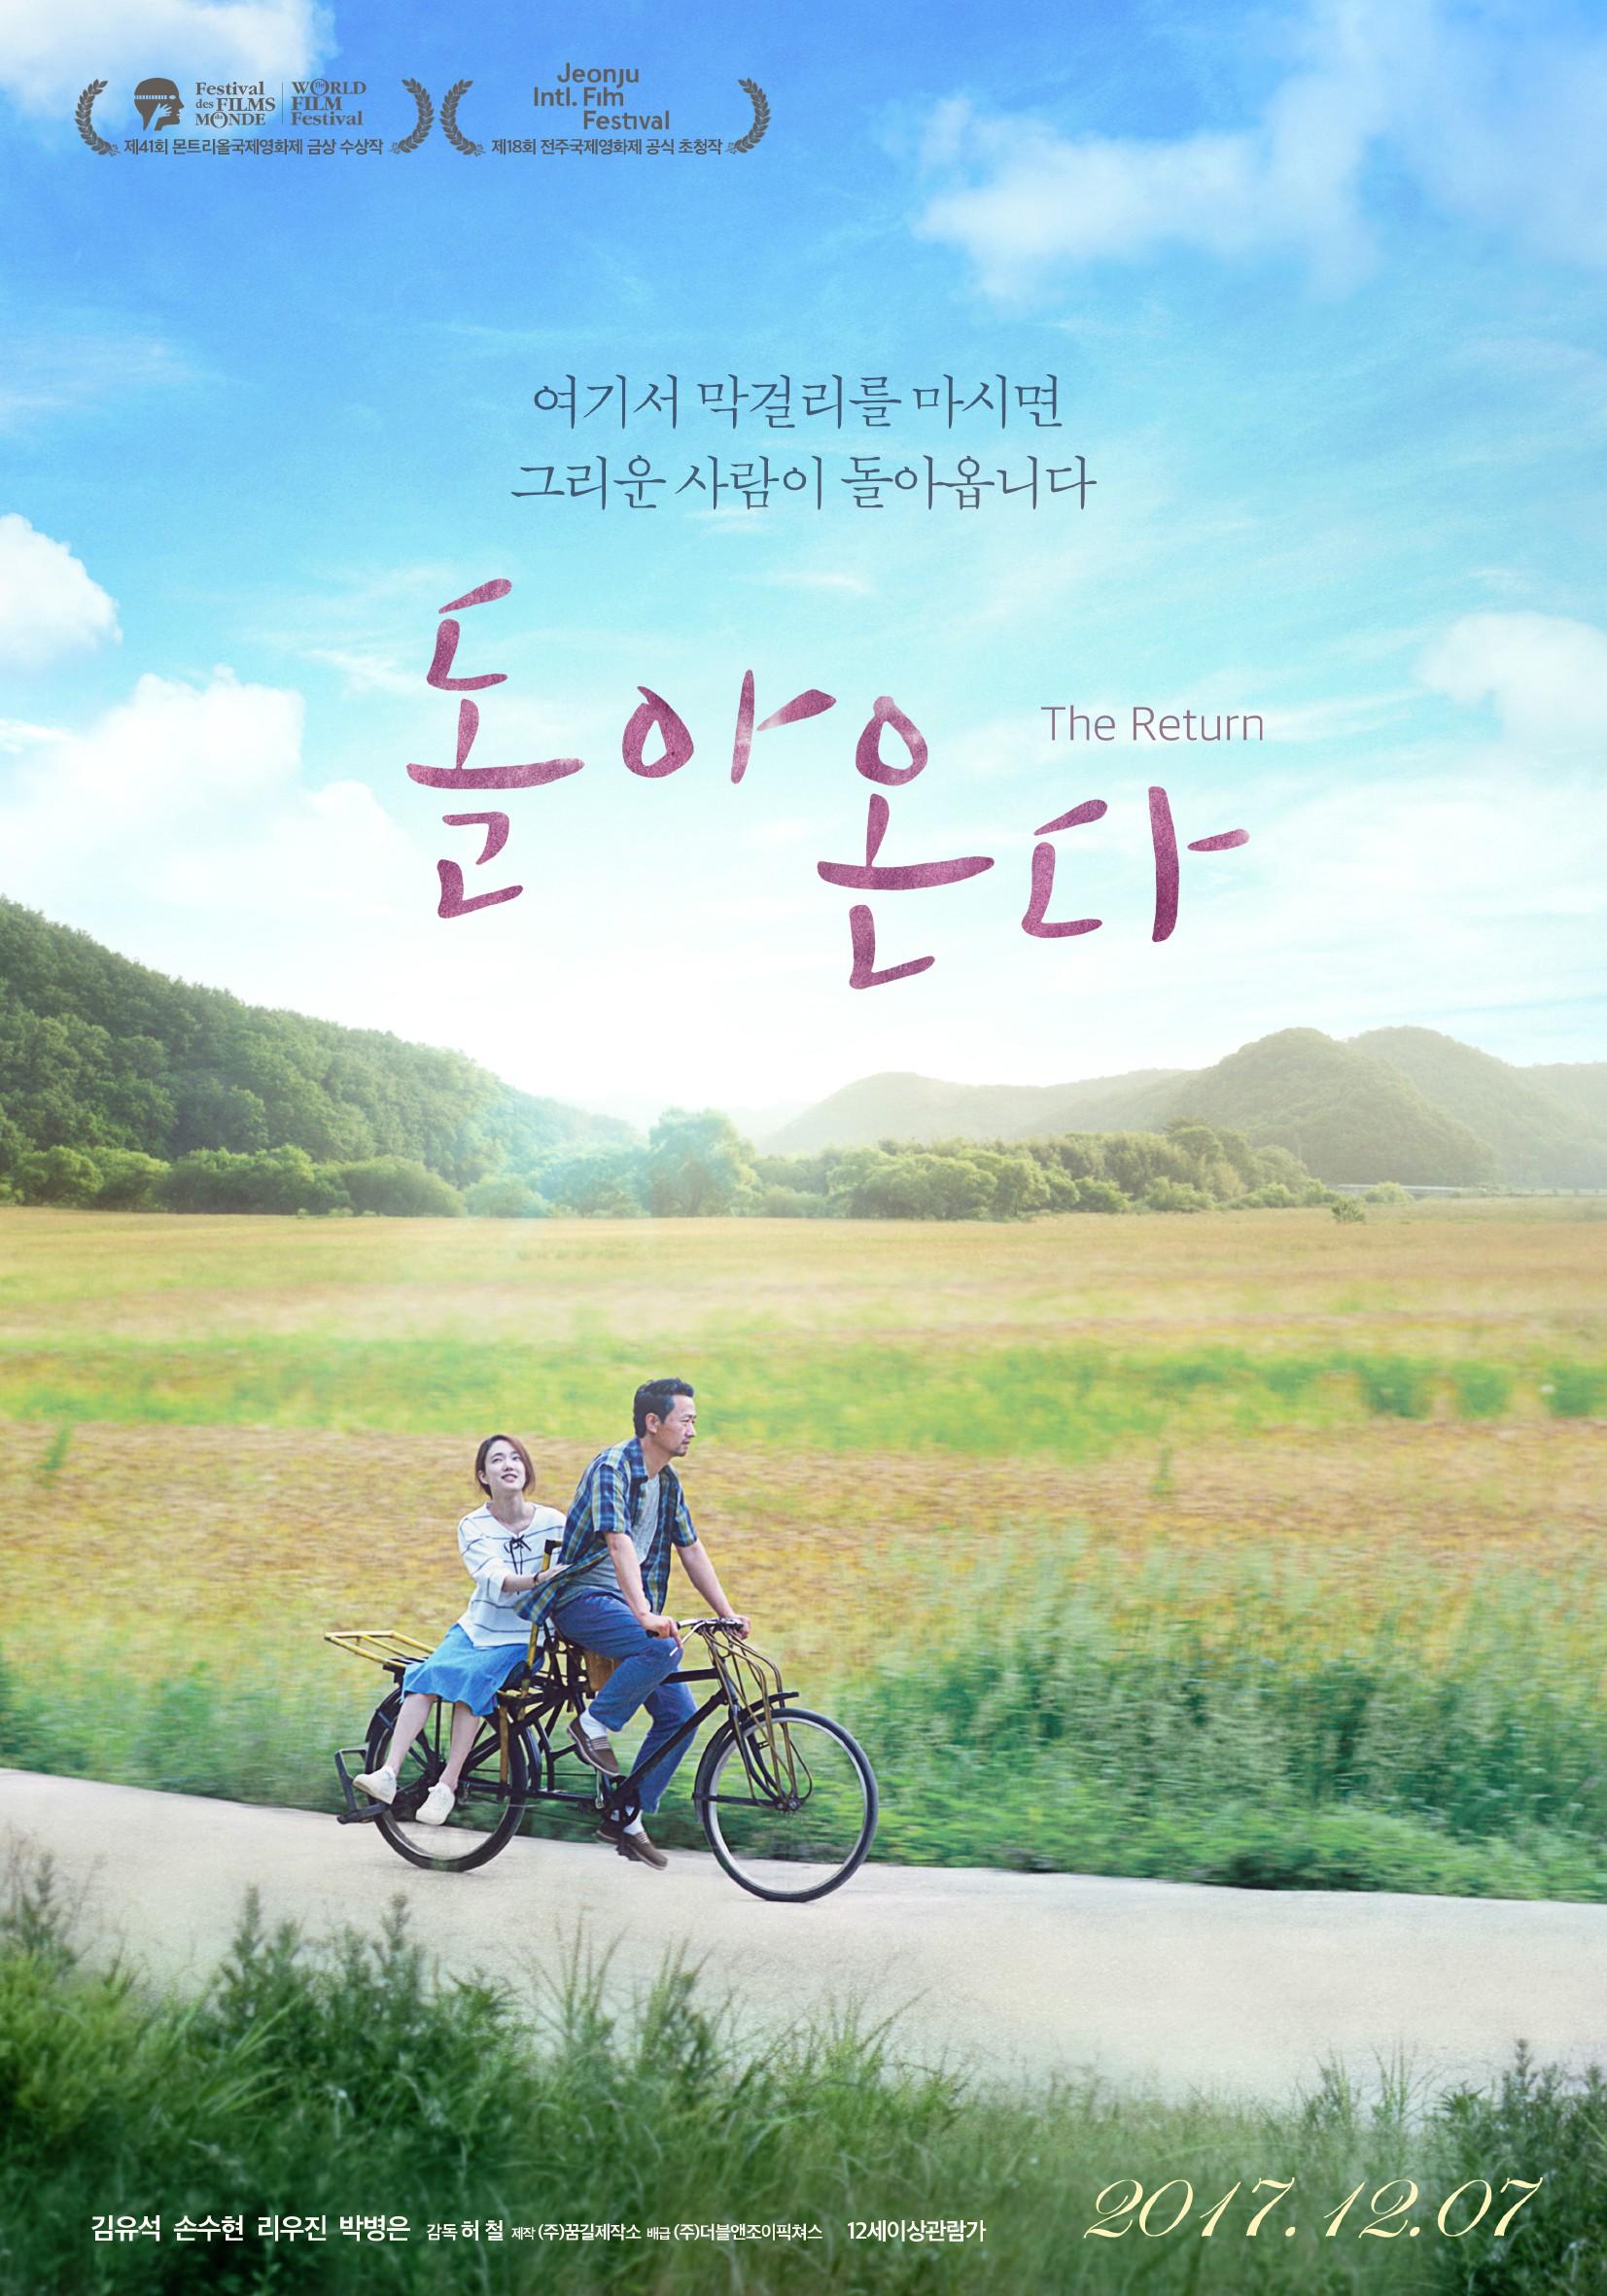 Đừng bỏ lỡ 7 phim điện ảnh Hàn đặc sắc khép lại năm 2017! - Ảnh 2.